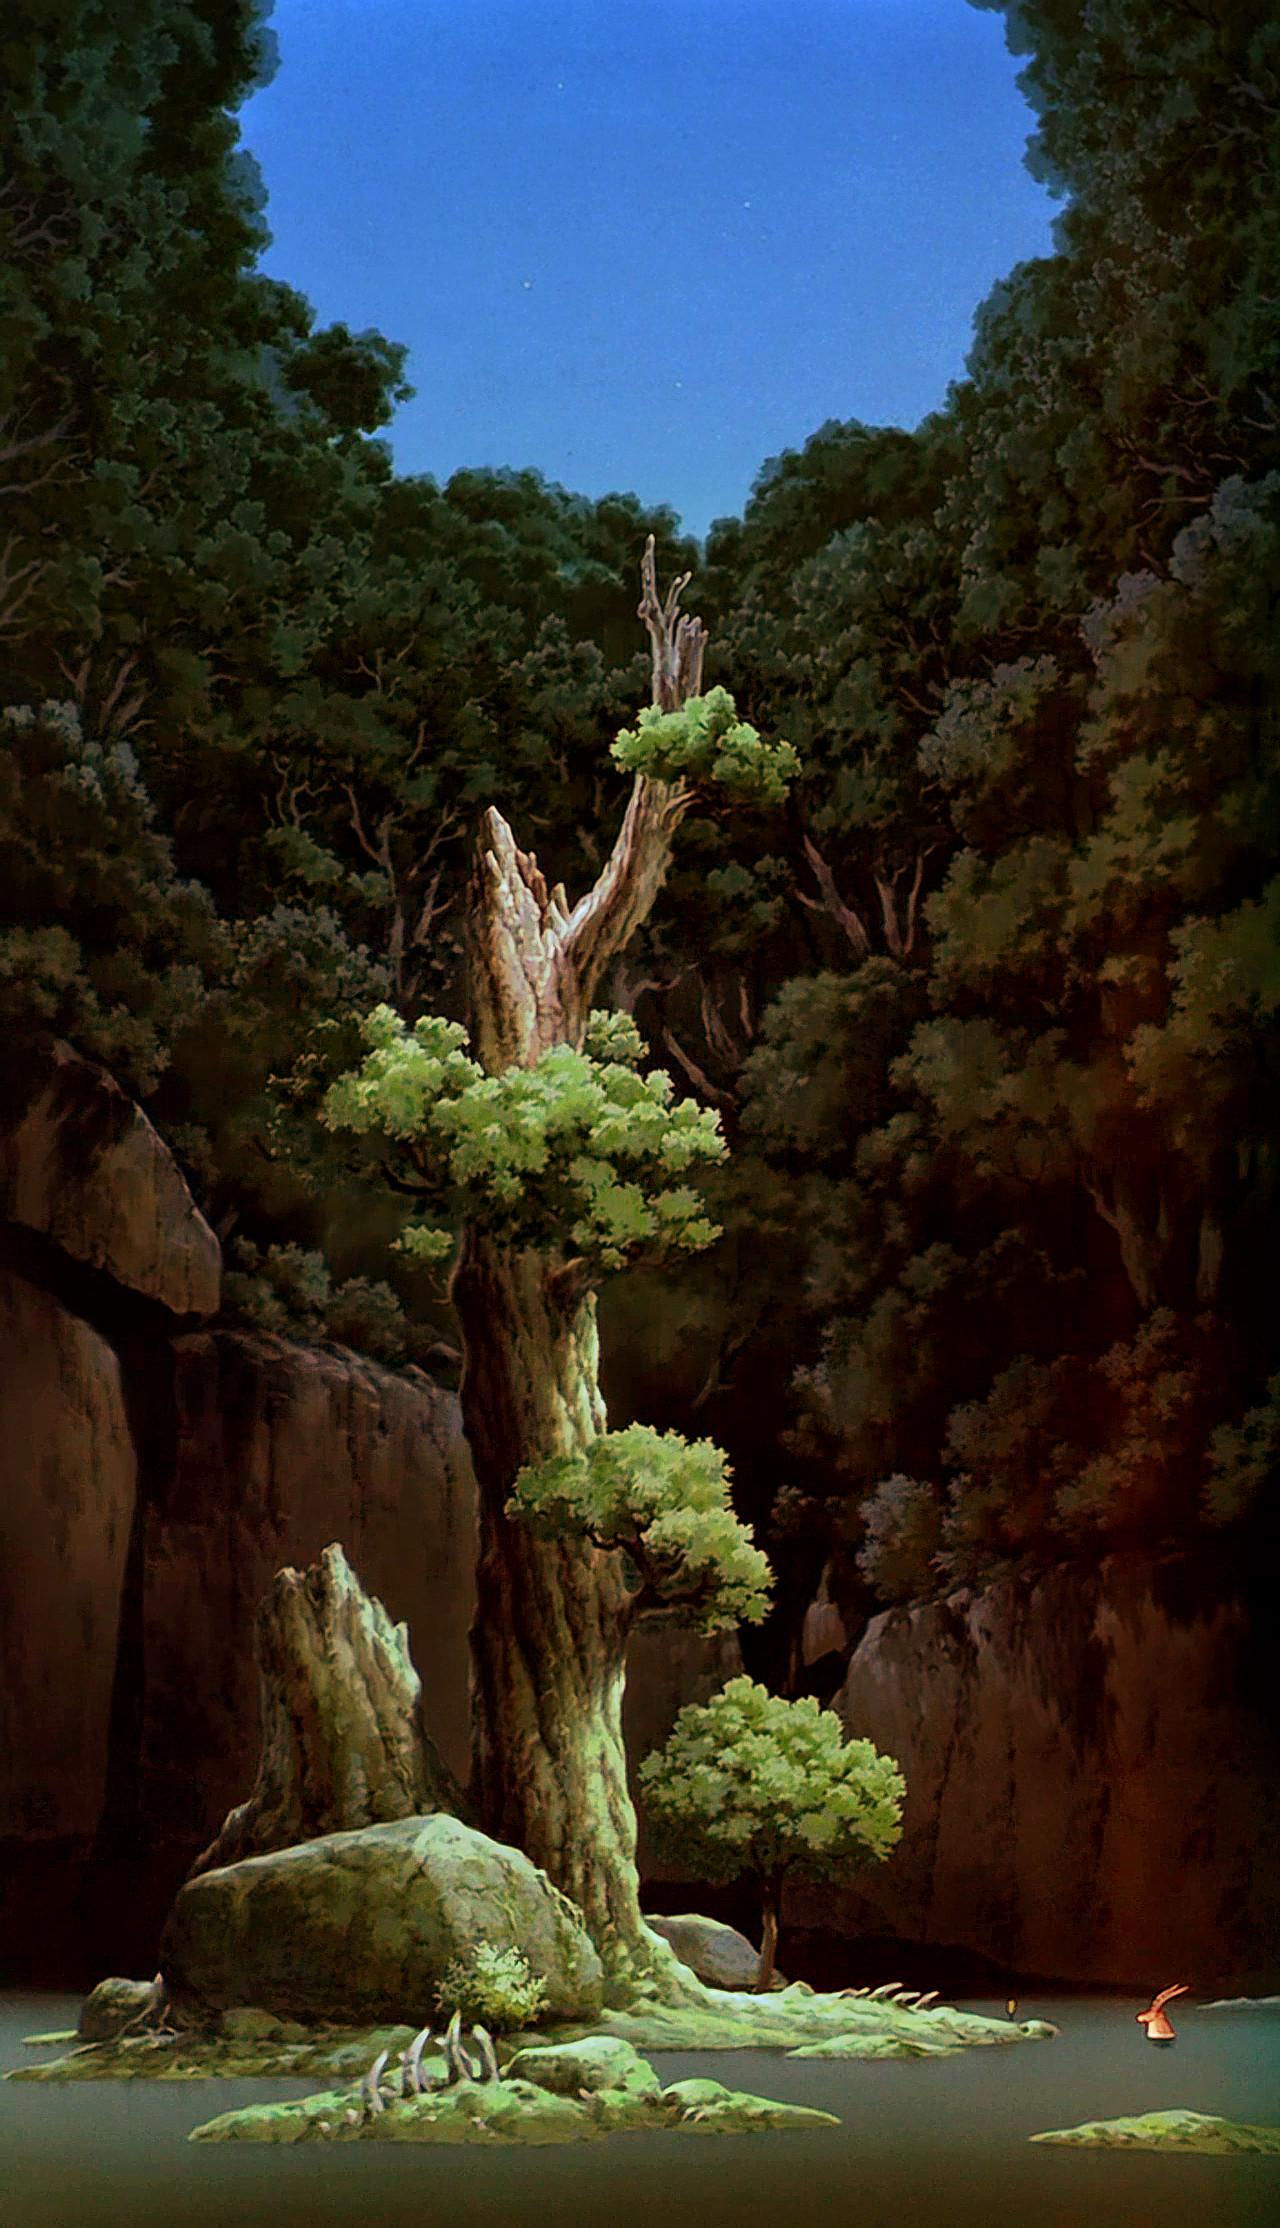 Princess Mononoke Wallpaper HD (69+ images)